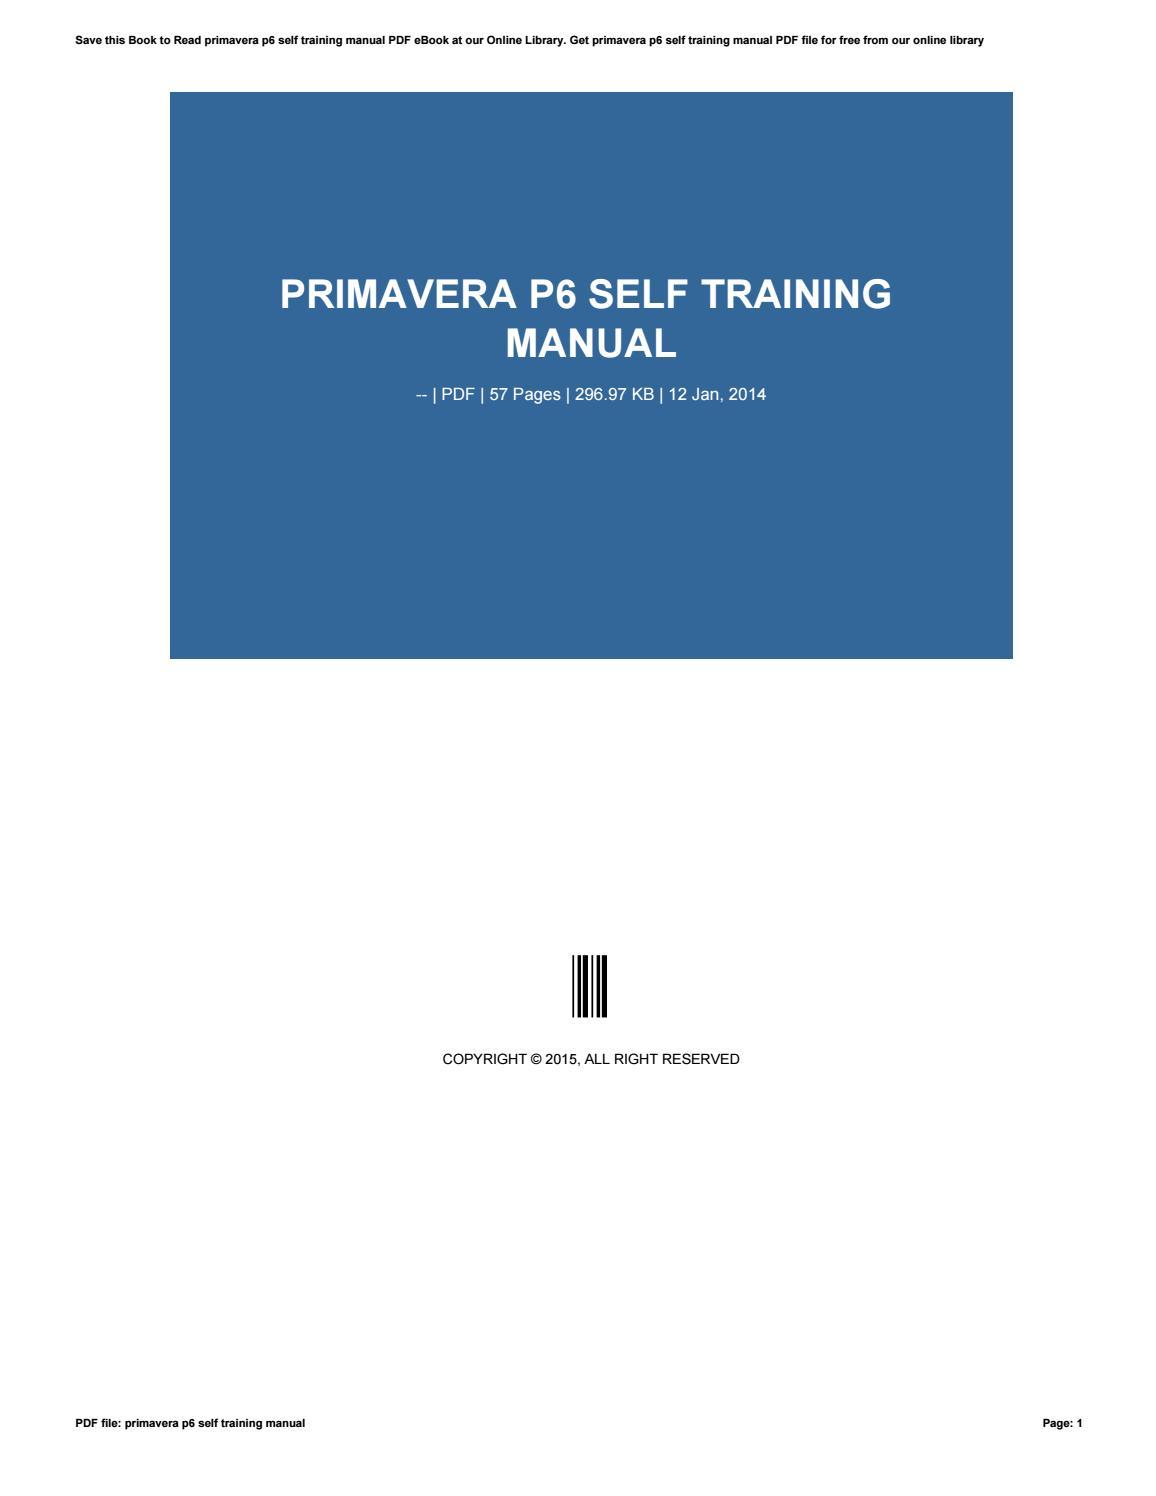 Primavera P6 Training Manual pdf